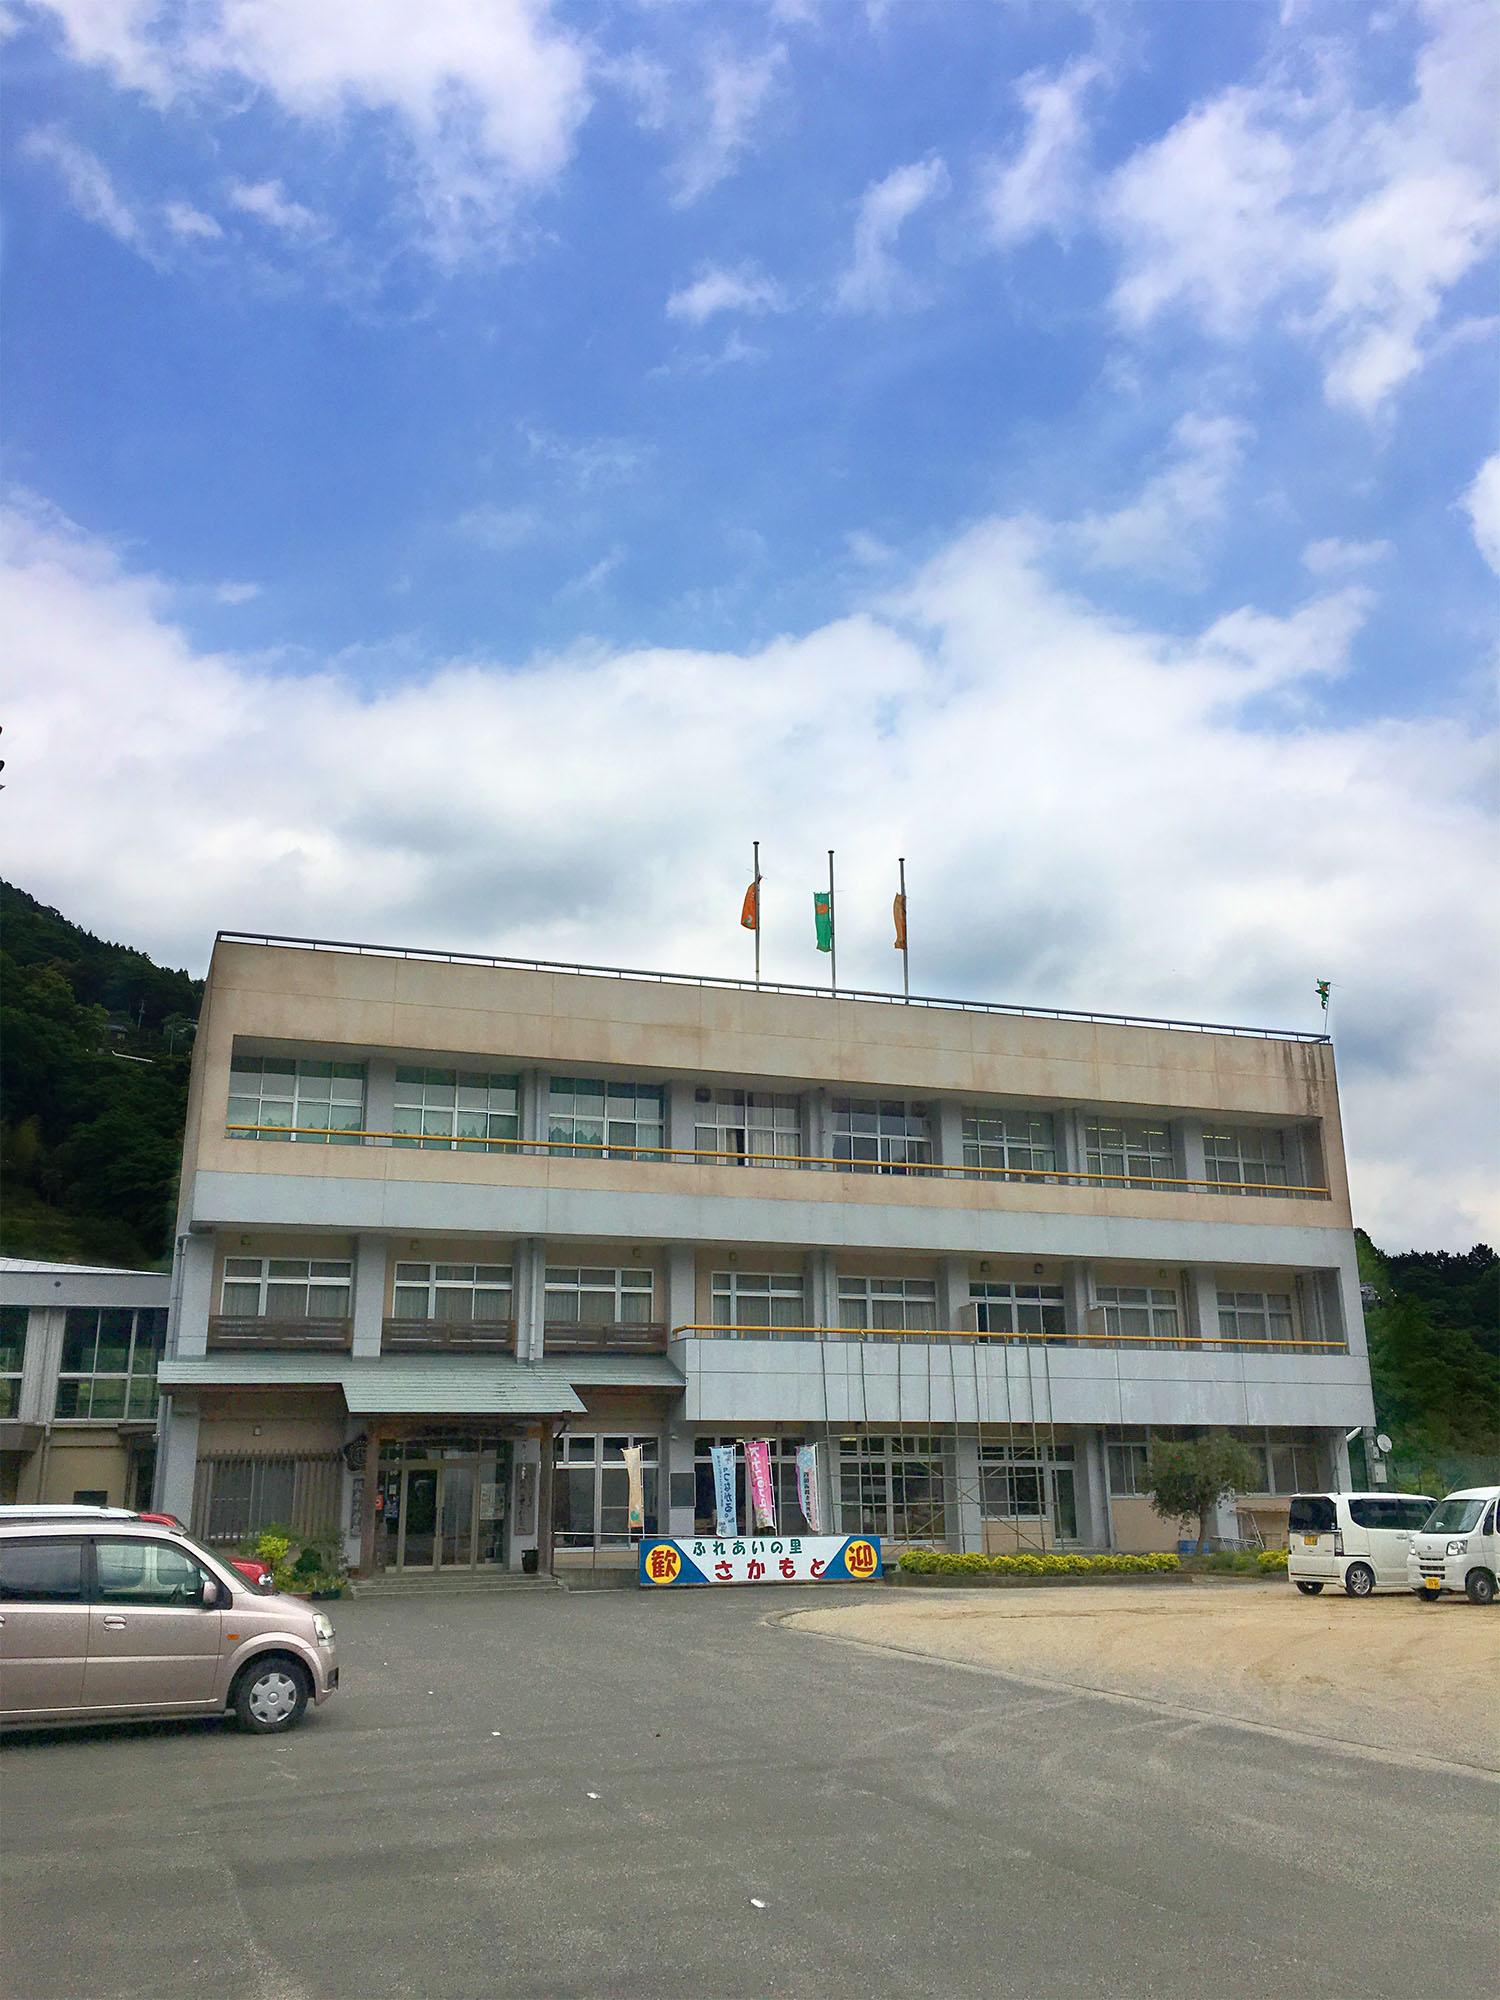 ふれあいの里さかもと 公式サイト 勝浦町・坂本地区の農村体験型宿泊 ...